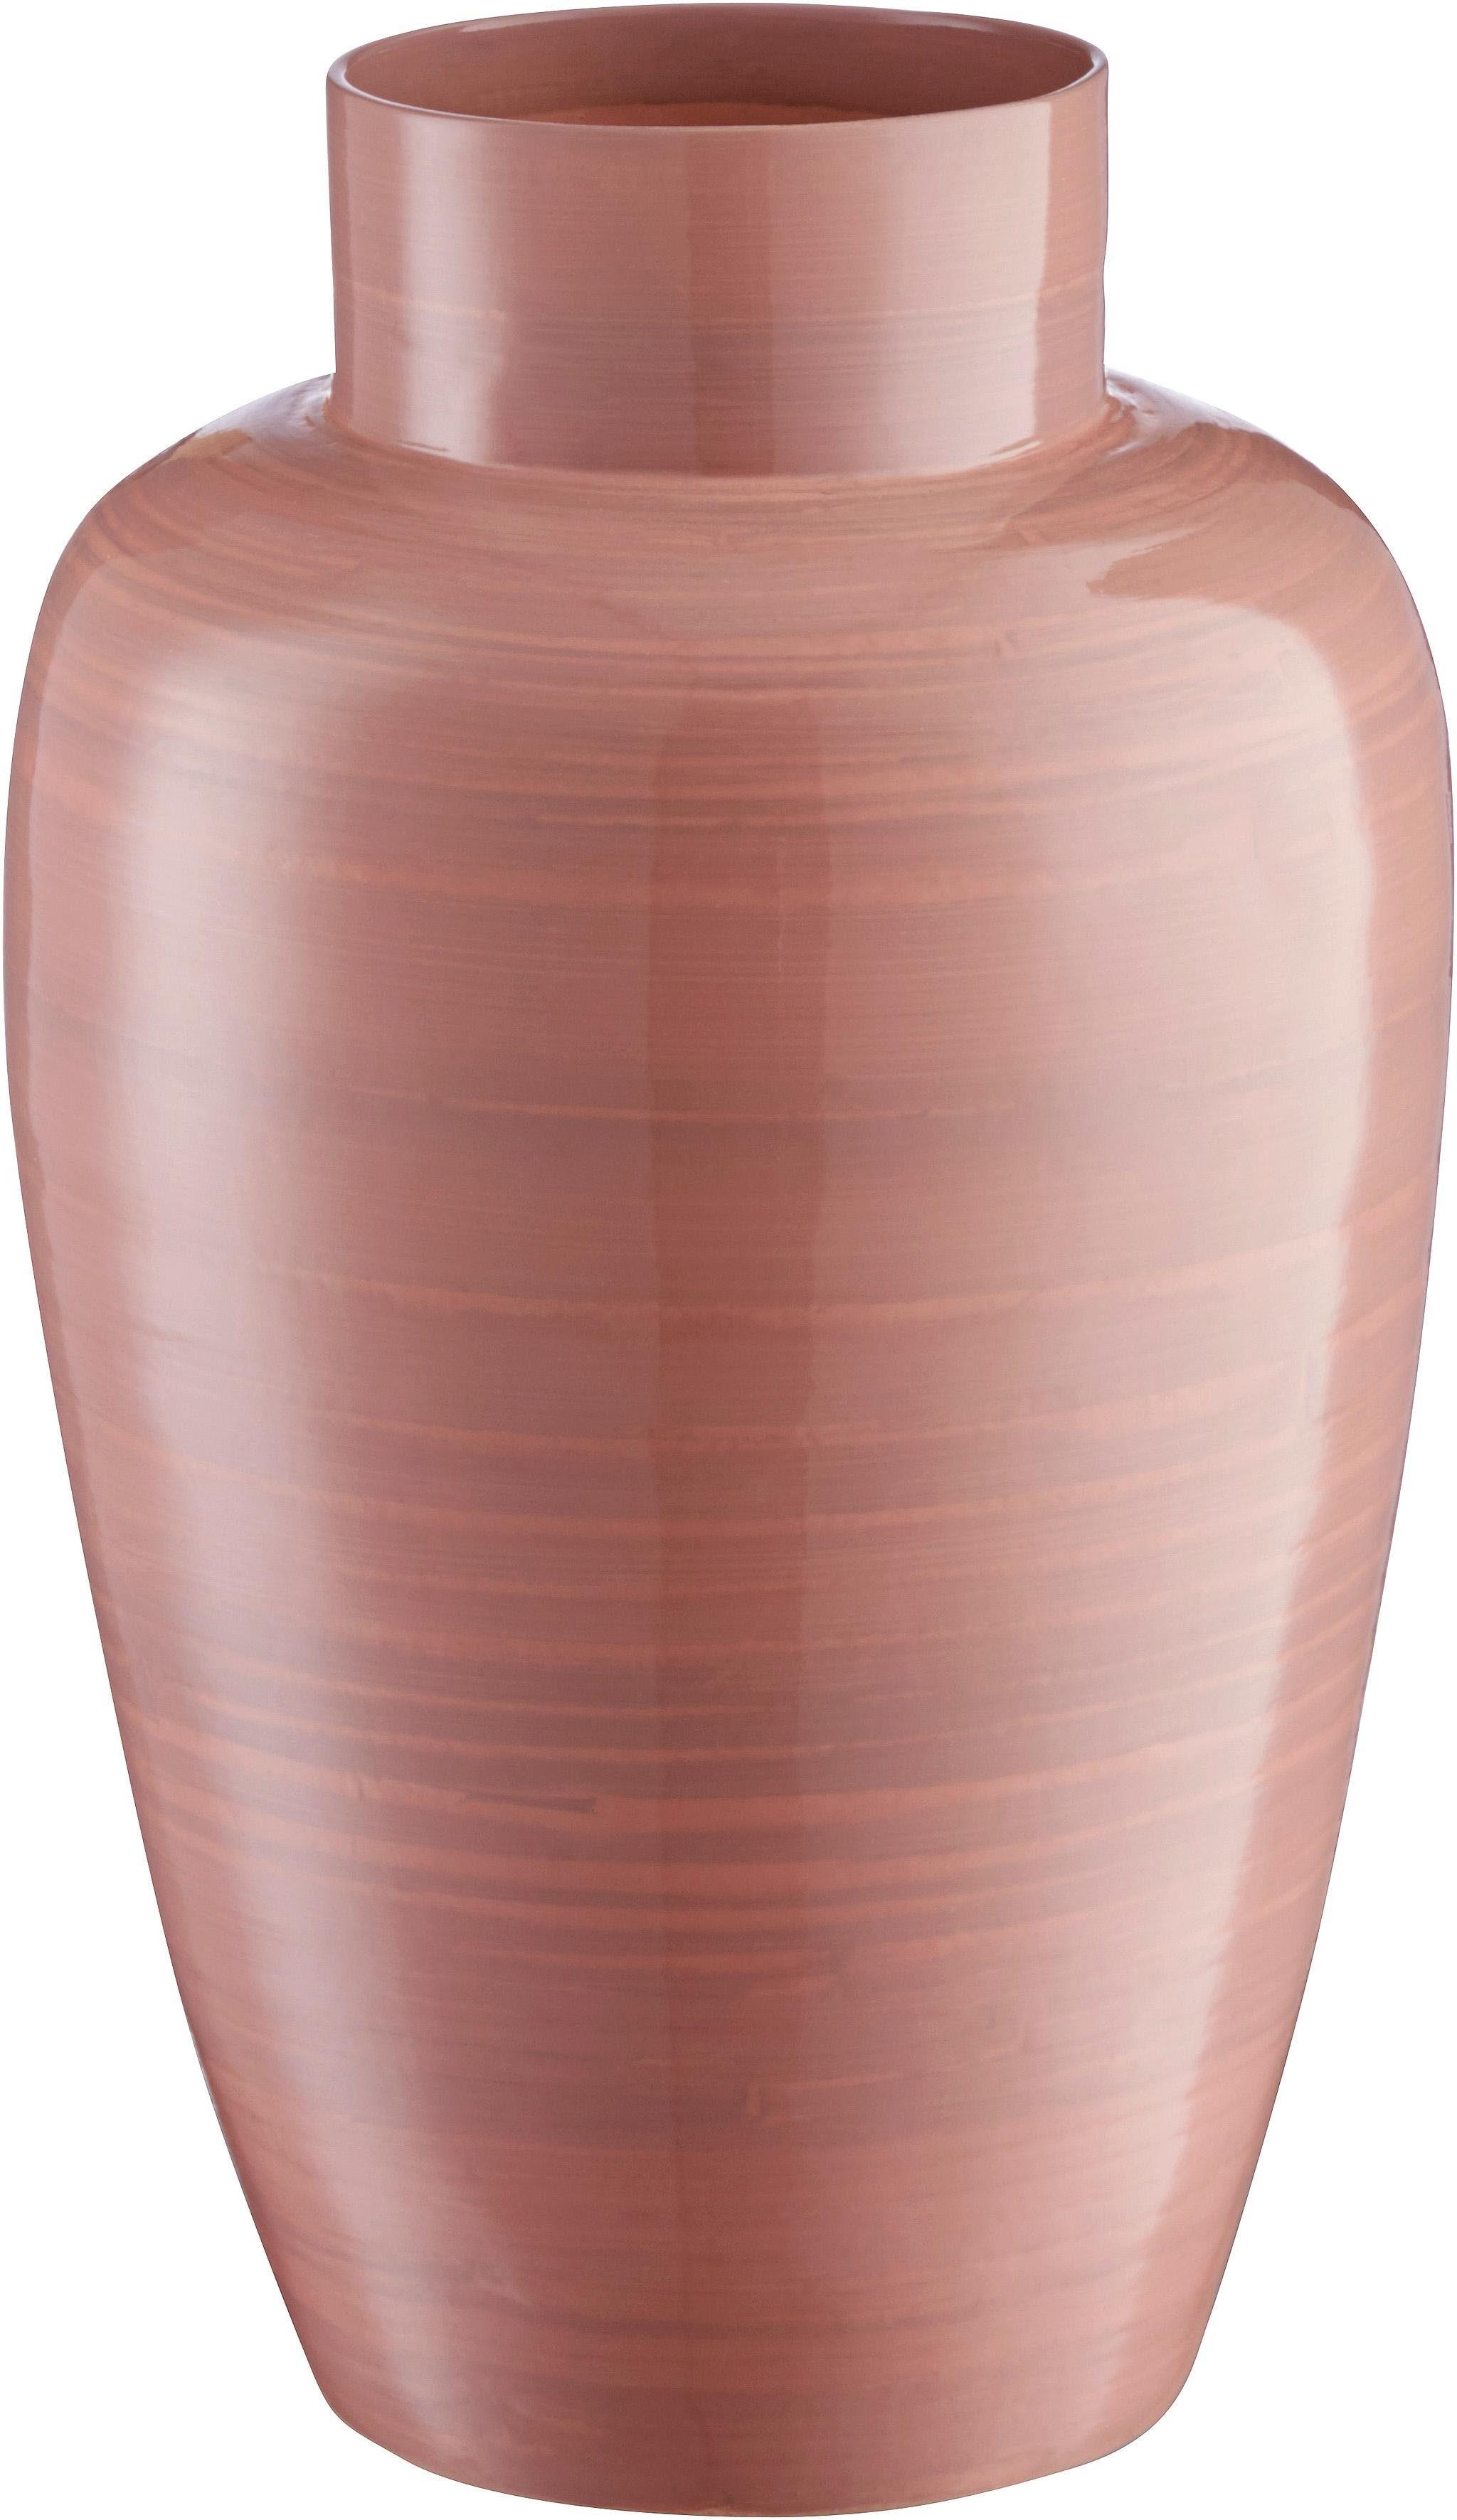 Home affaire Vase »Pinky« aus Bambus, Höhe 35 cm